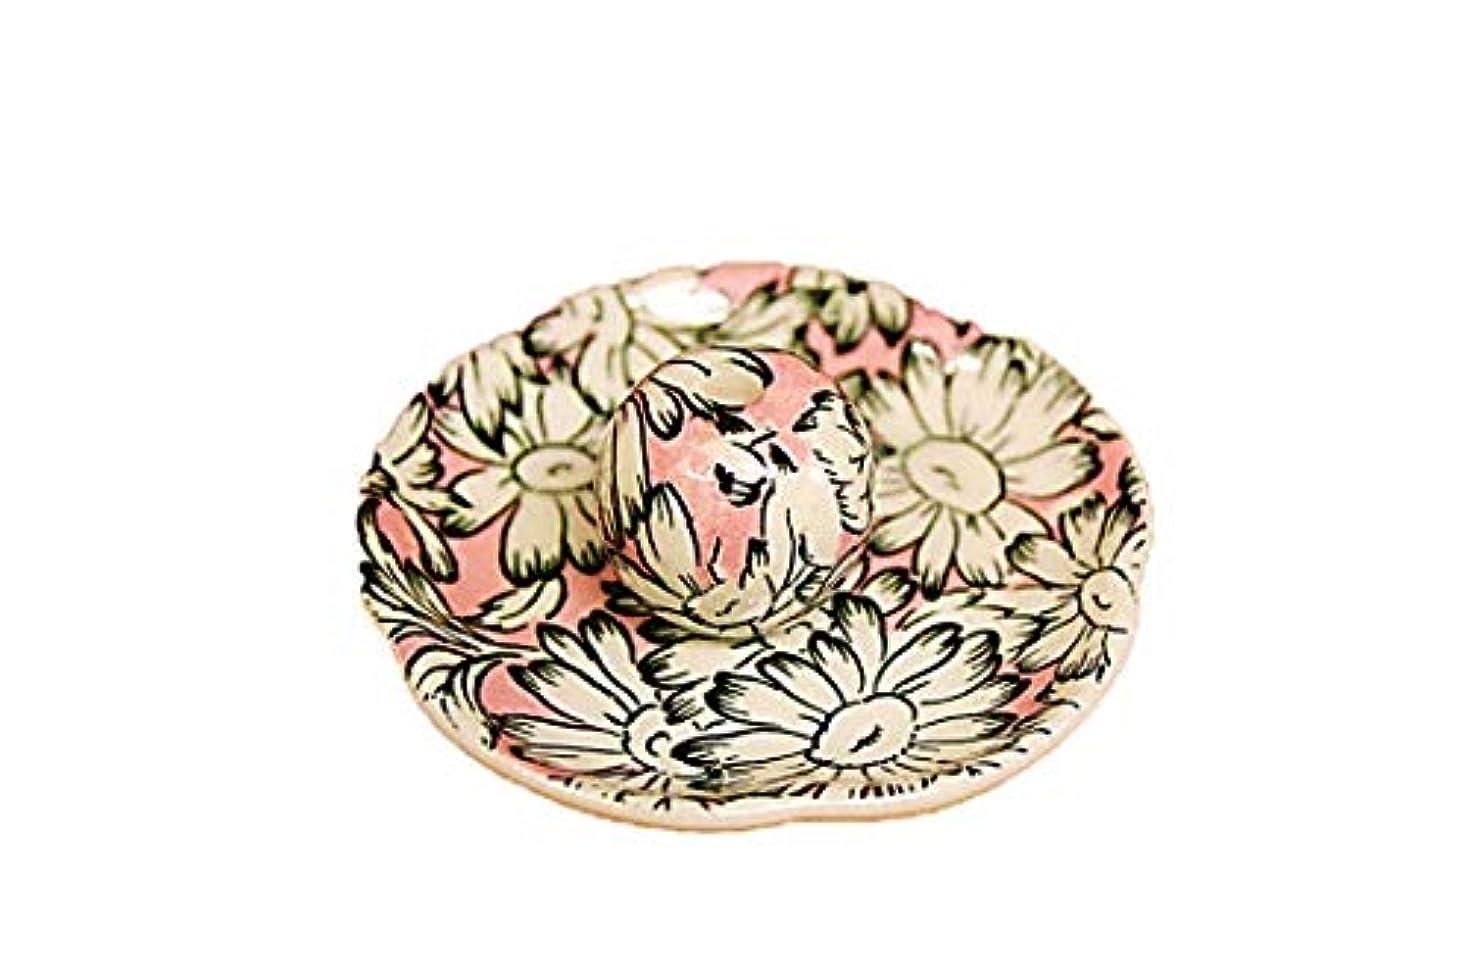 焦げハイブリッド自発マーガレットピンク 花形香皿 お香立て お香たて 日本製 ACSWEBSHOPオリジナル